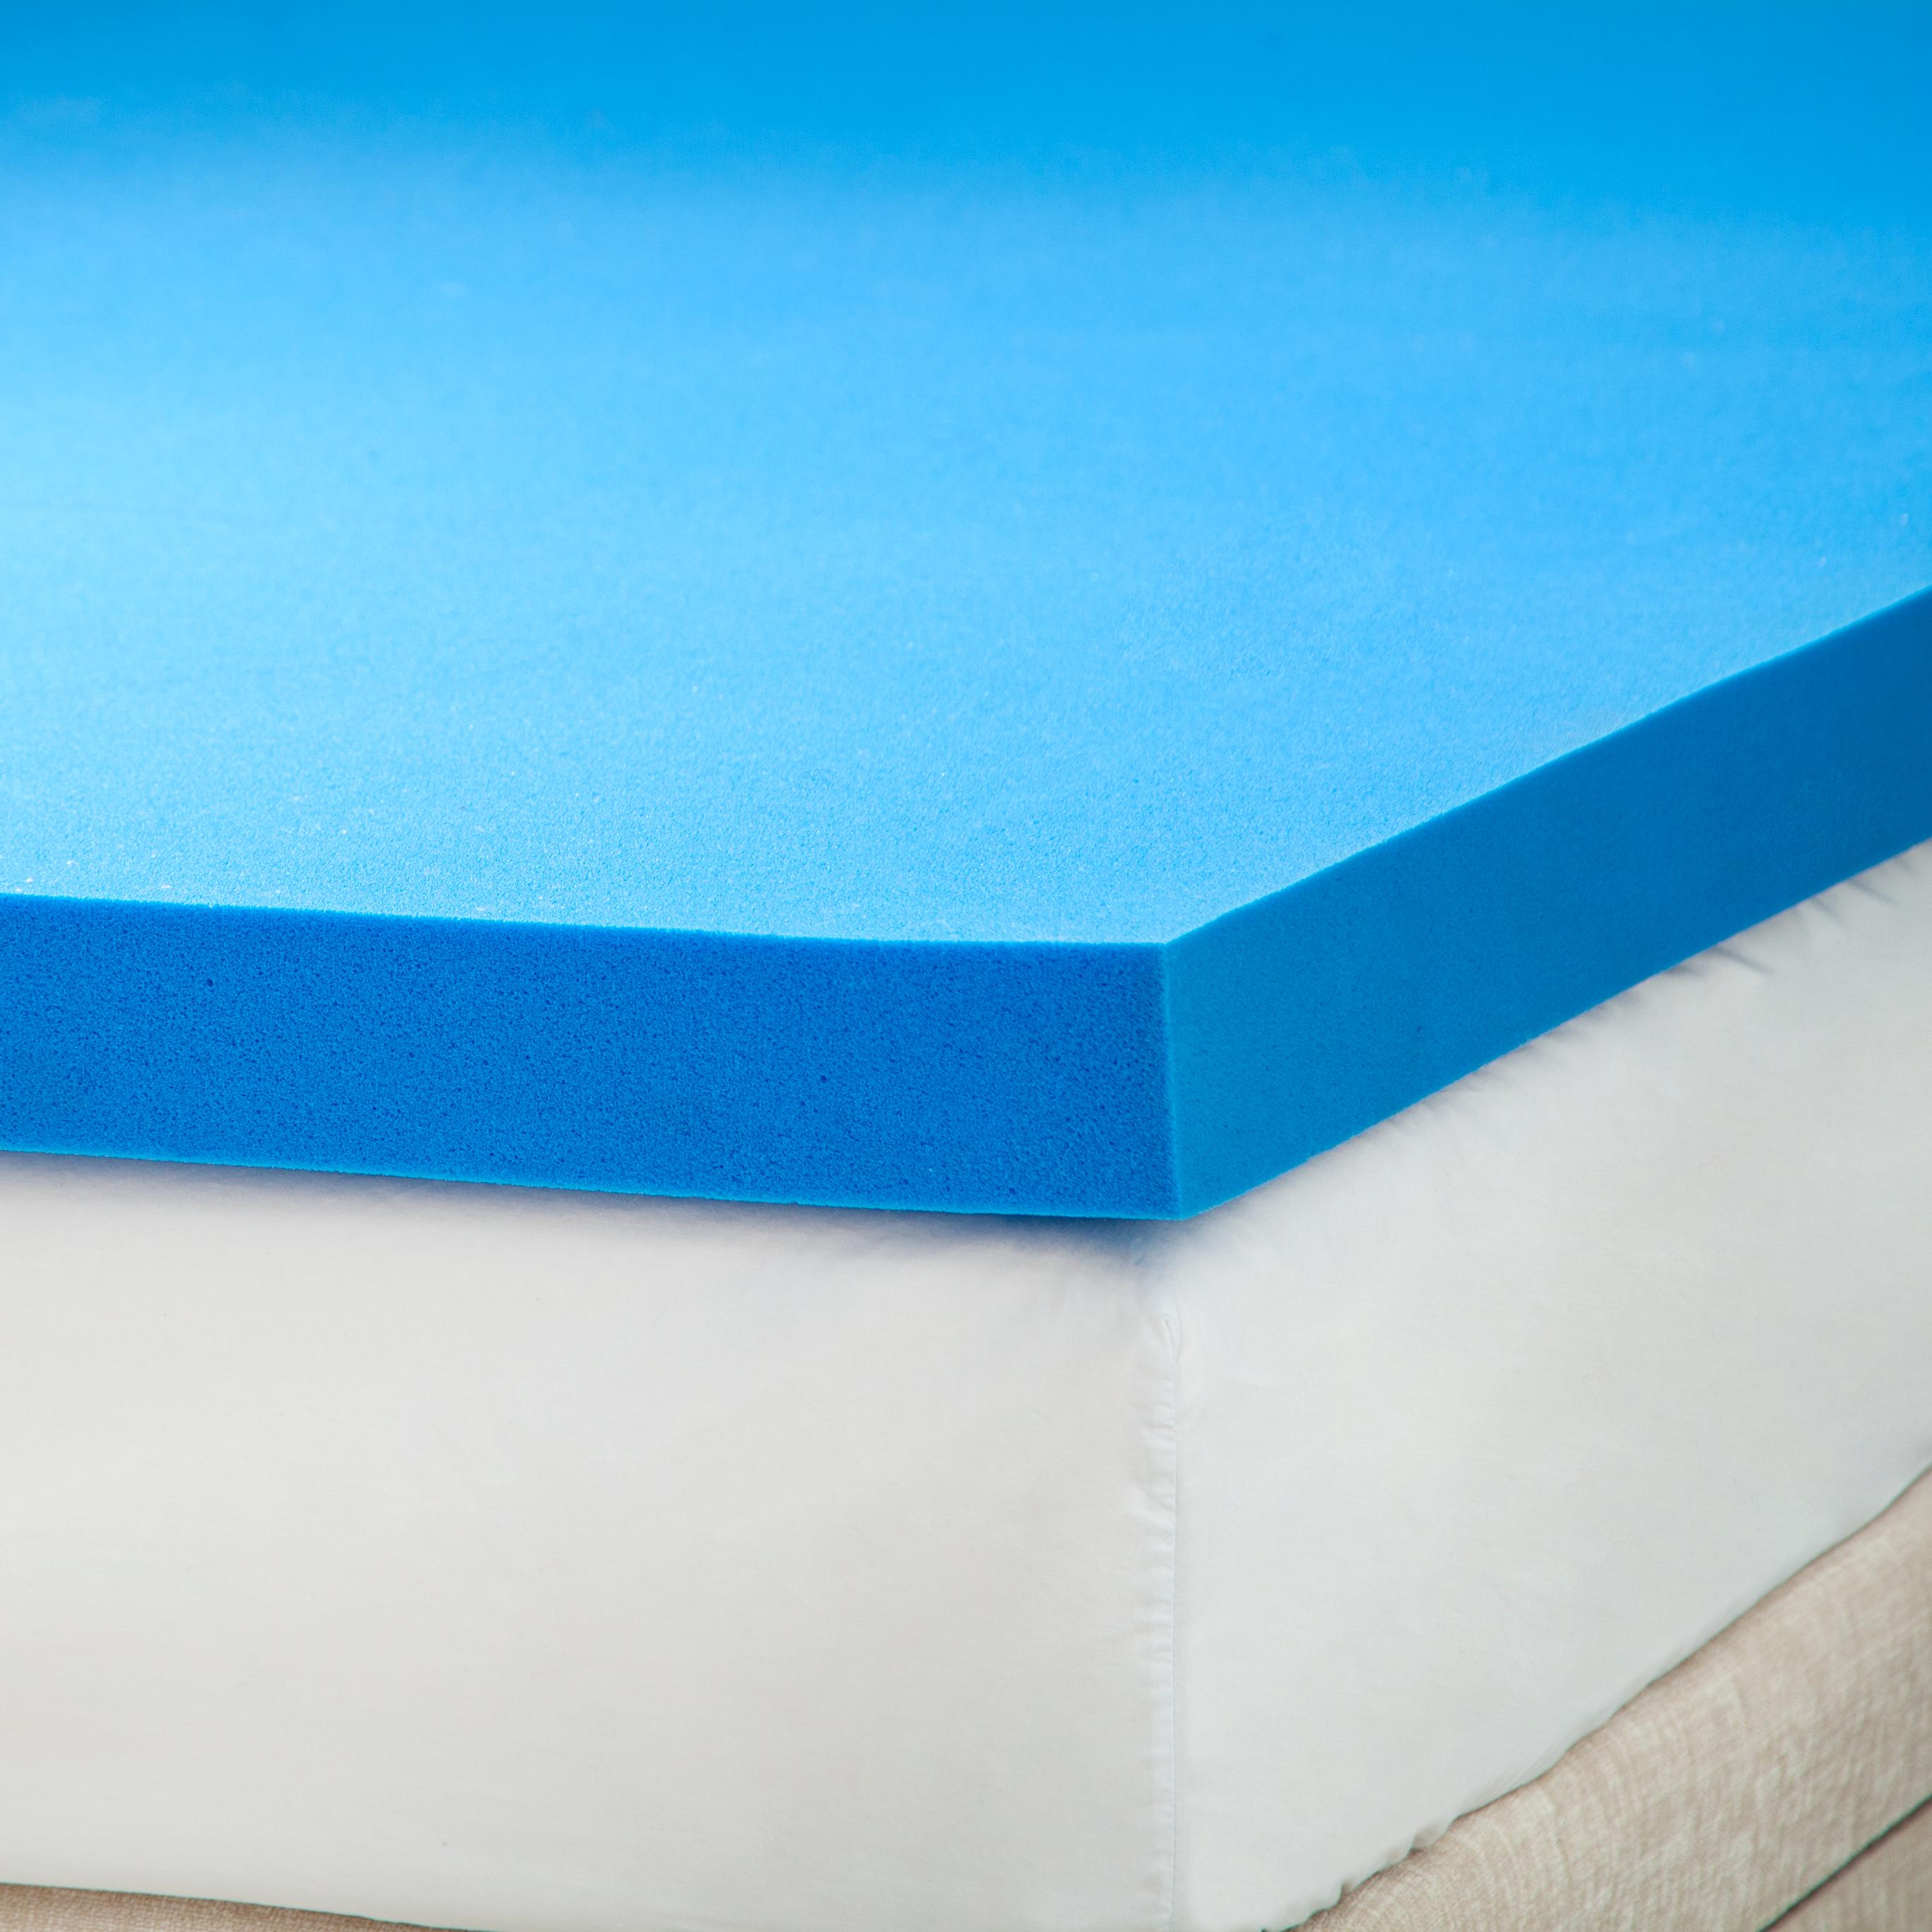 1 inch mattress topper